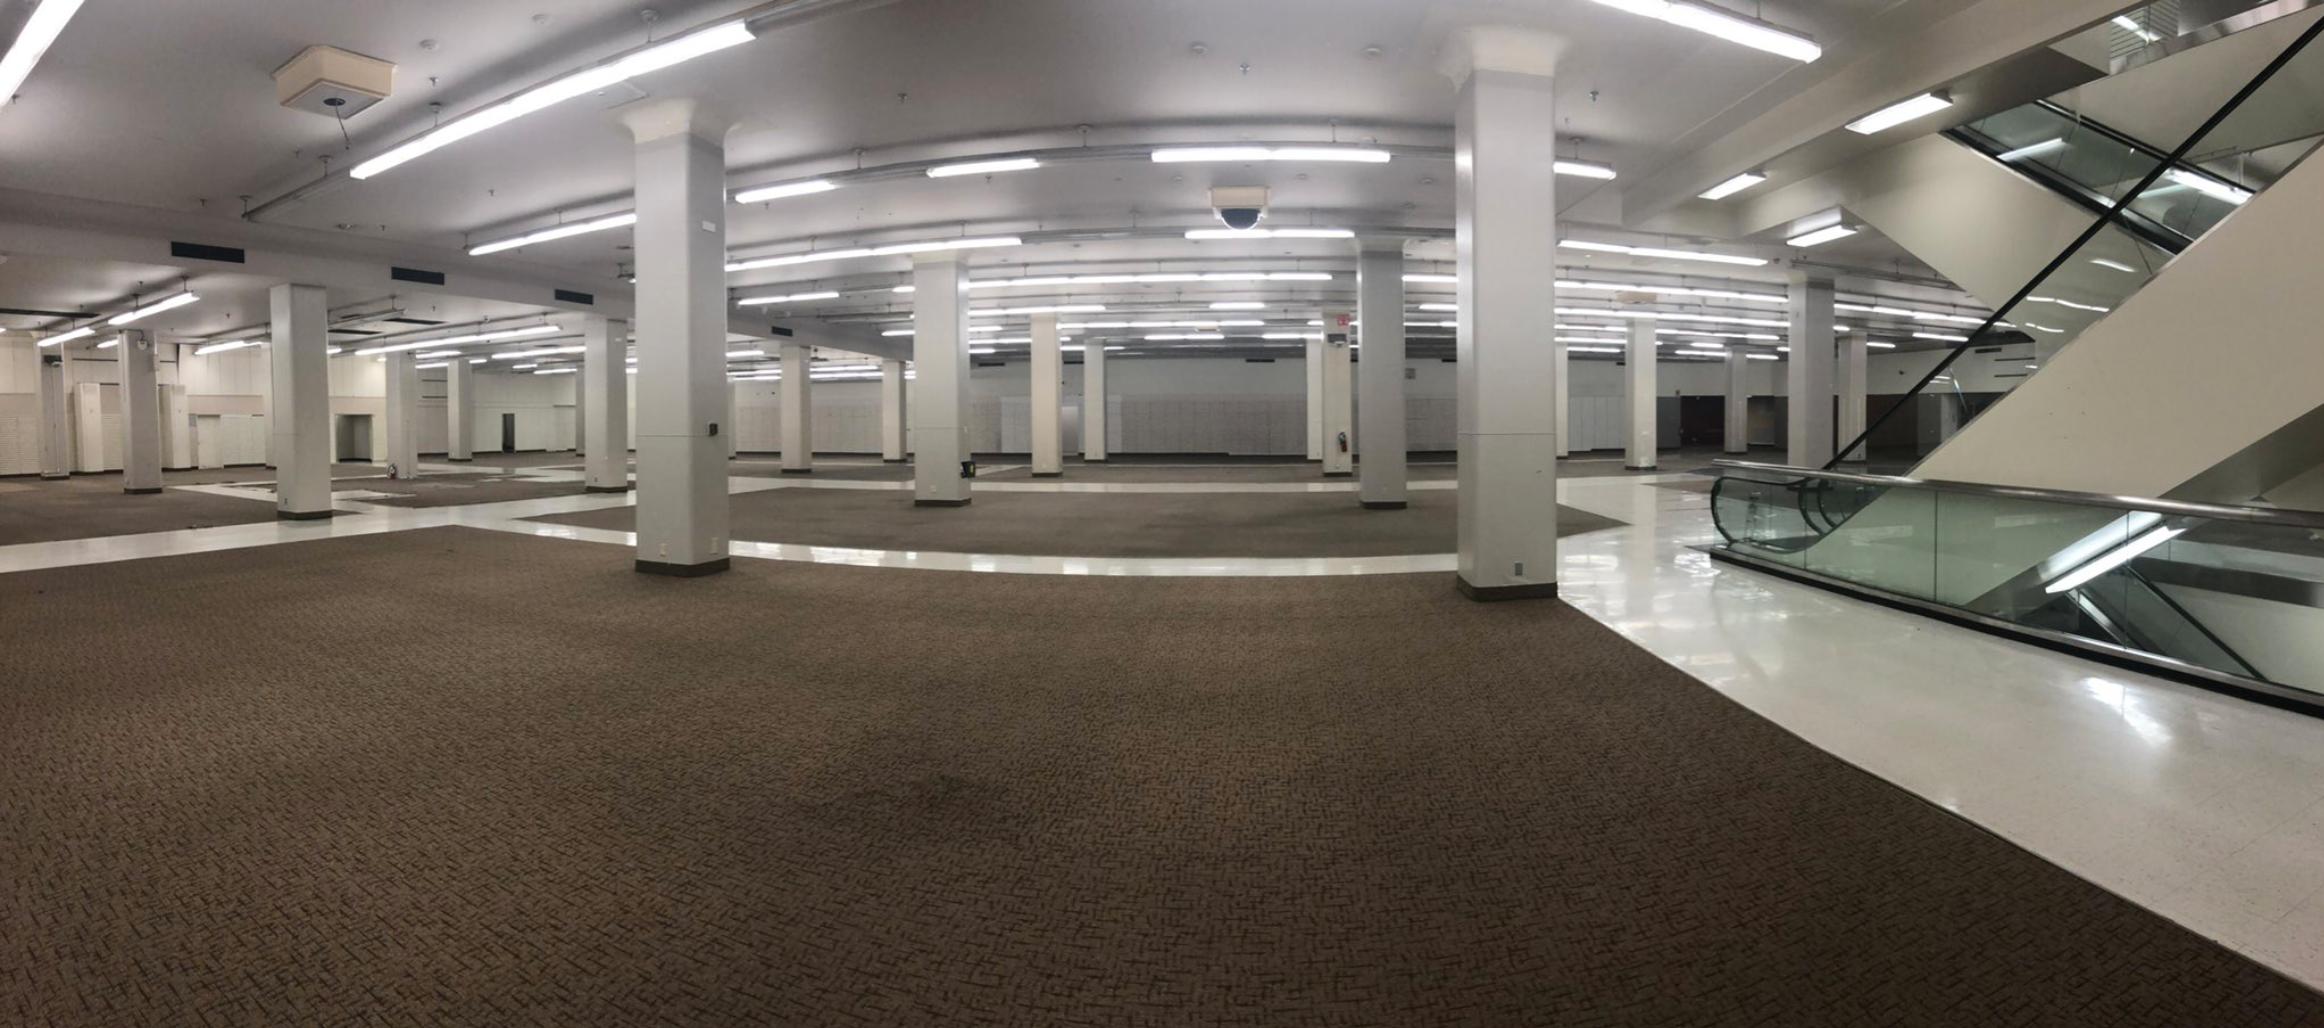 休士頓市中心地標建築「Sears」商場將改建成中城創新區。圖為商場內部。(休士頓市政府提供)